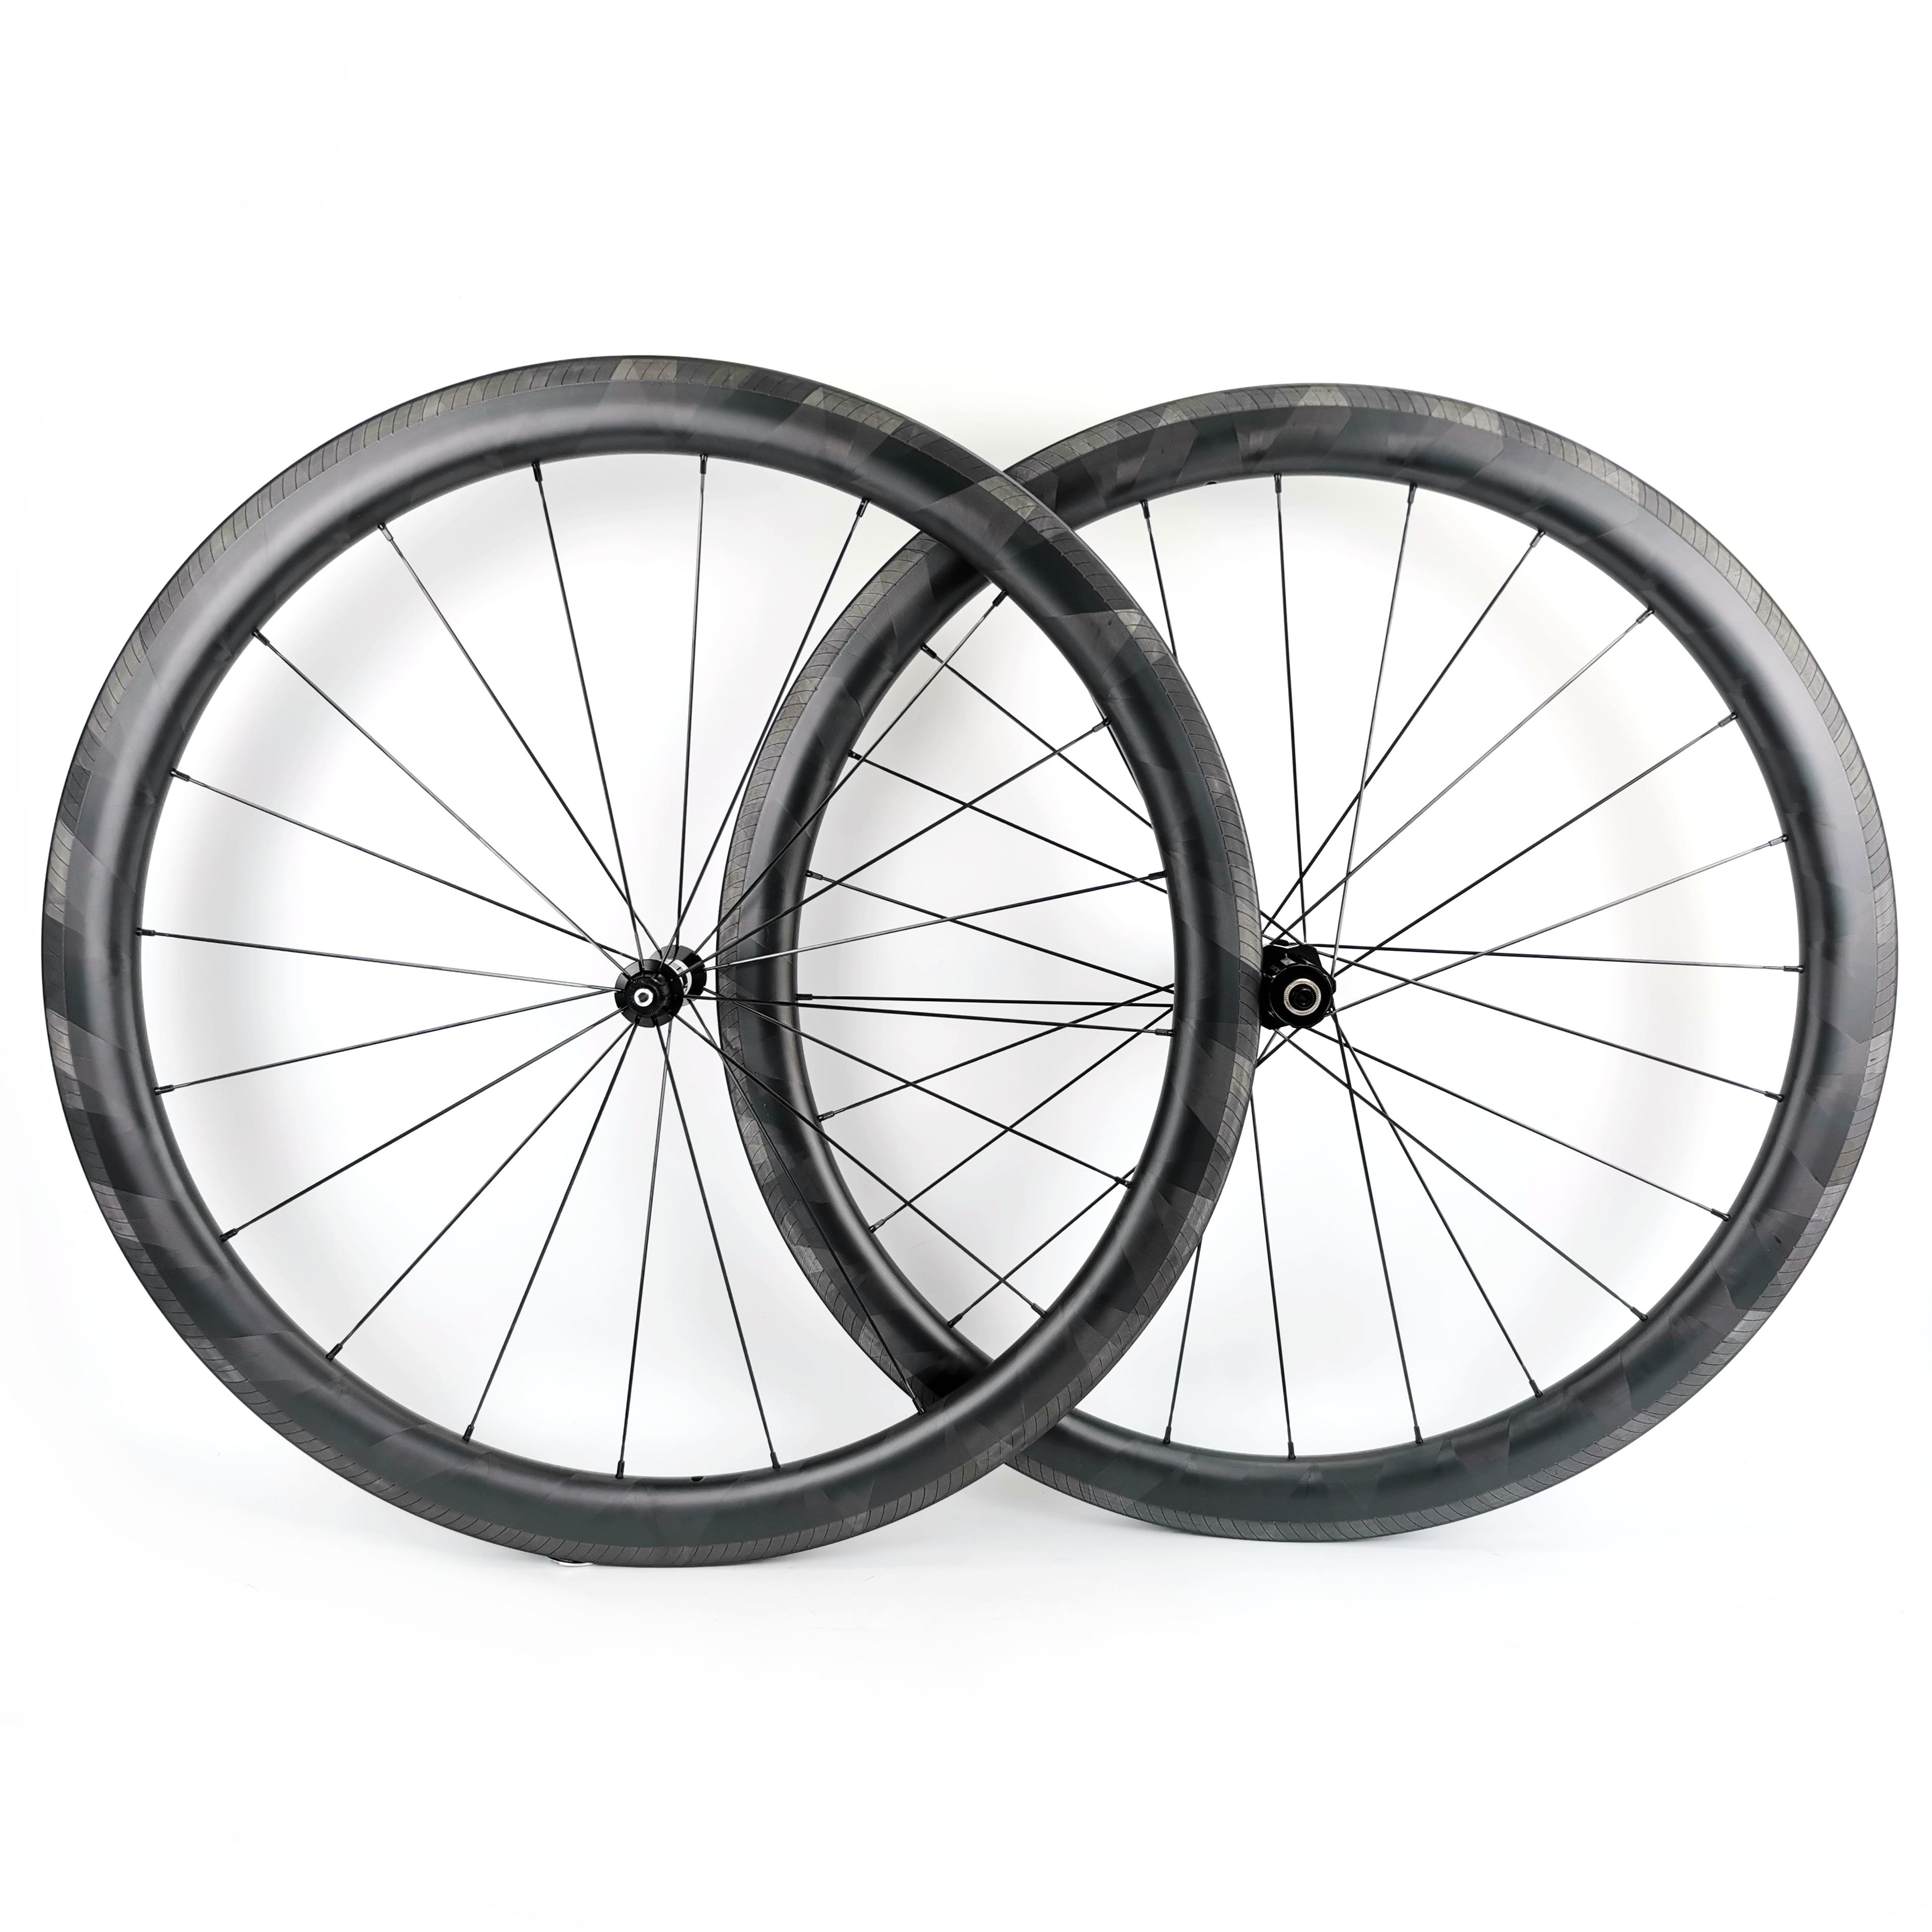 Ruedas de carbono versión ligera 45mm de profundidad 26mm de ancho clincher/bicicleta de carretera Tubular ruedas de carbono con superficie de freno especial